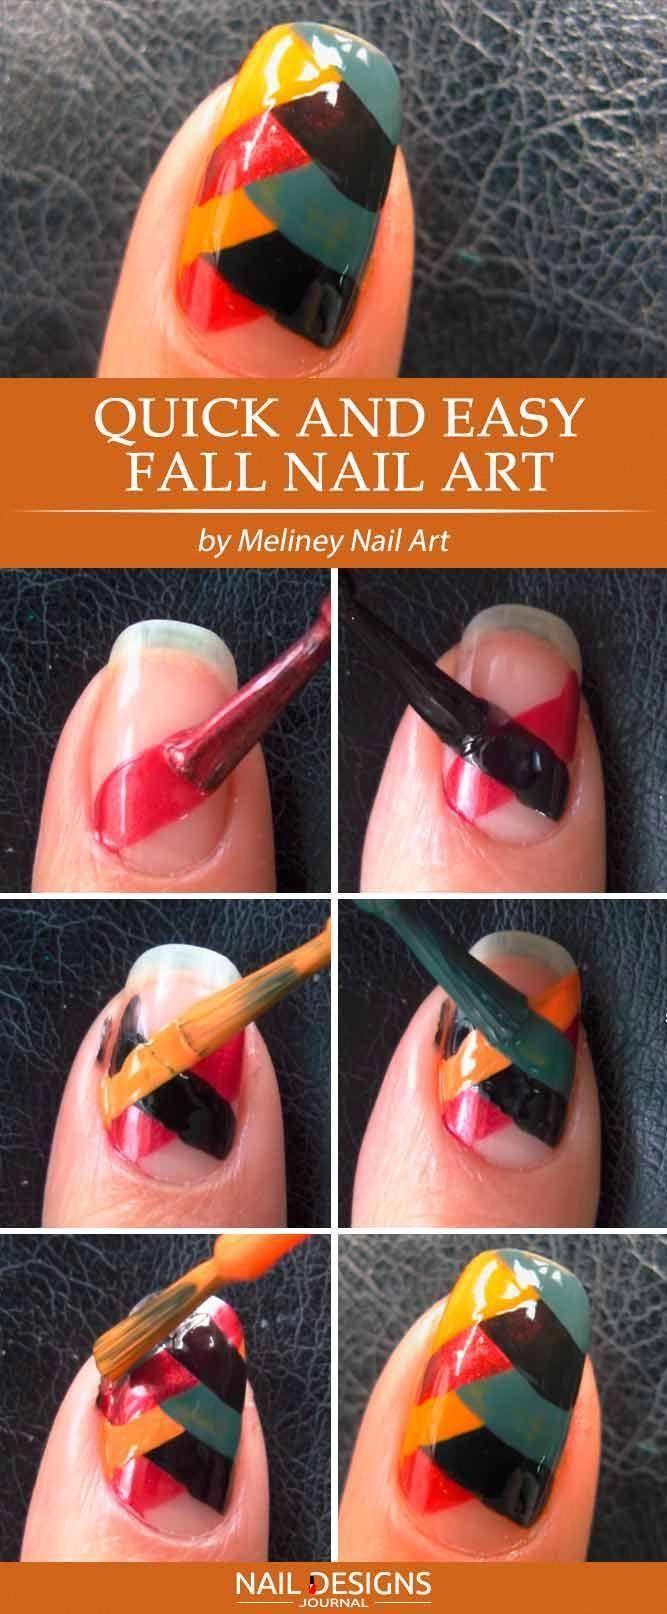 Galaxy Nails Tutorial Galaxy Nails Tutorial Diy Nail Designs Diy Nails